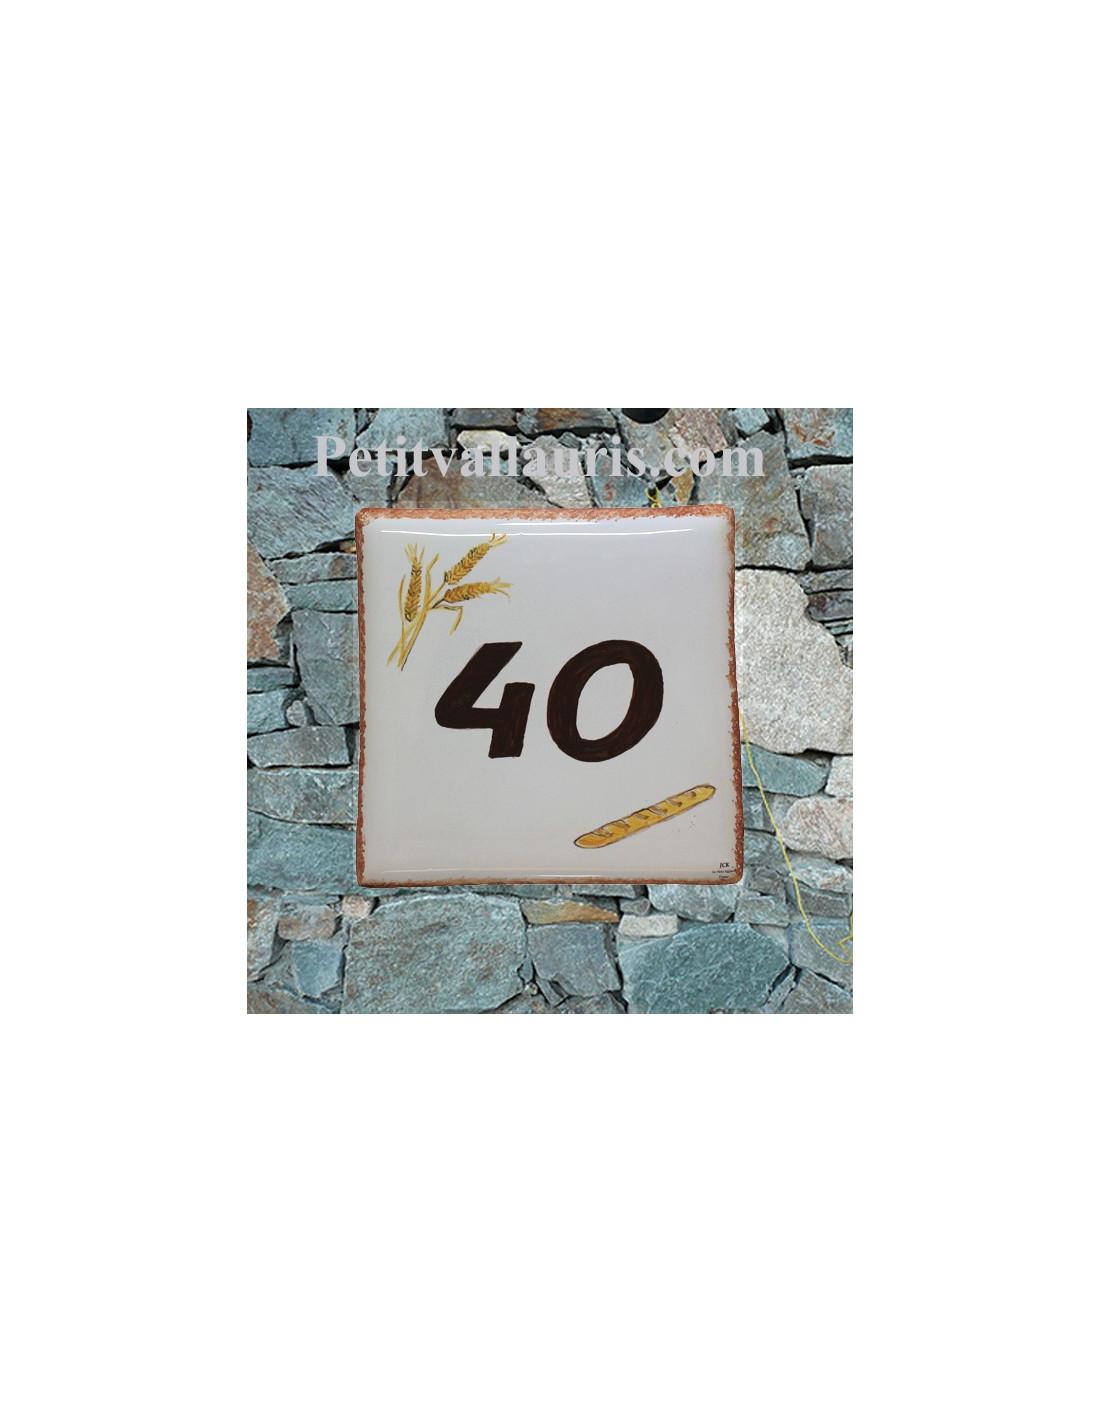 Plaque num ro de maison en faience motif baguette de pin et pis de bl inscription - Plaque de numero de maison ...